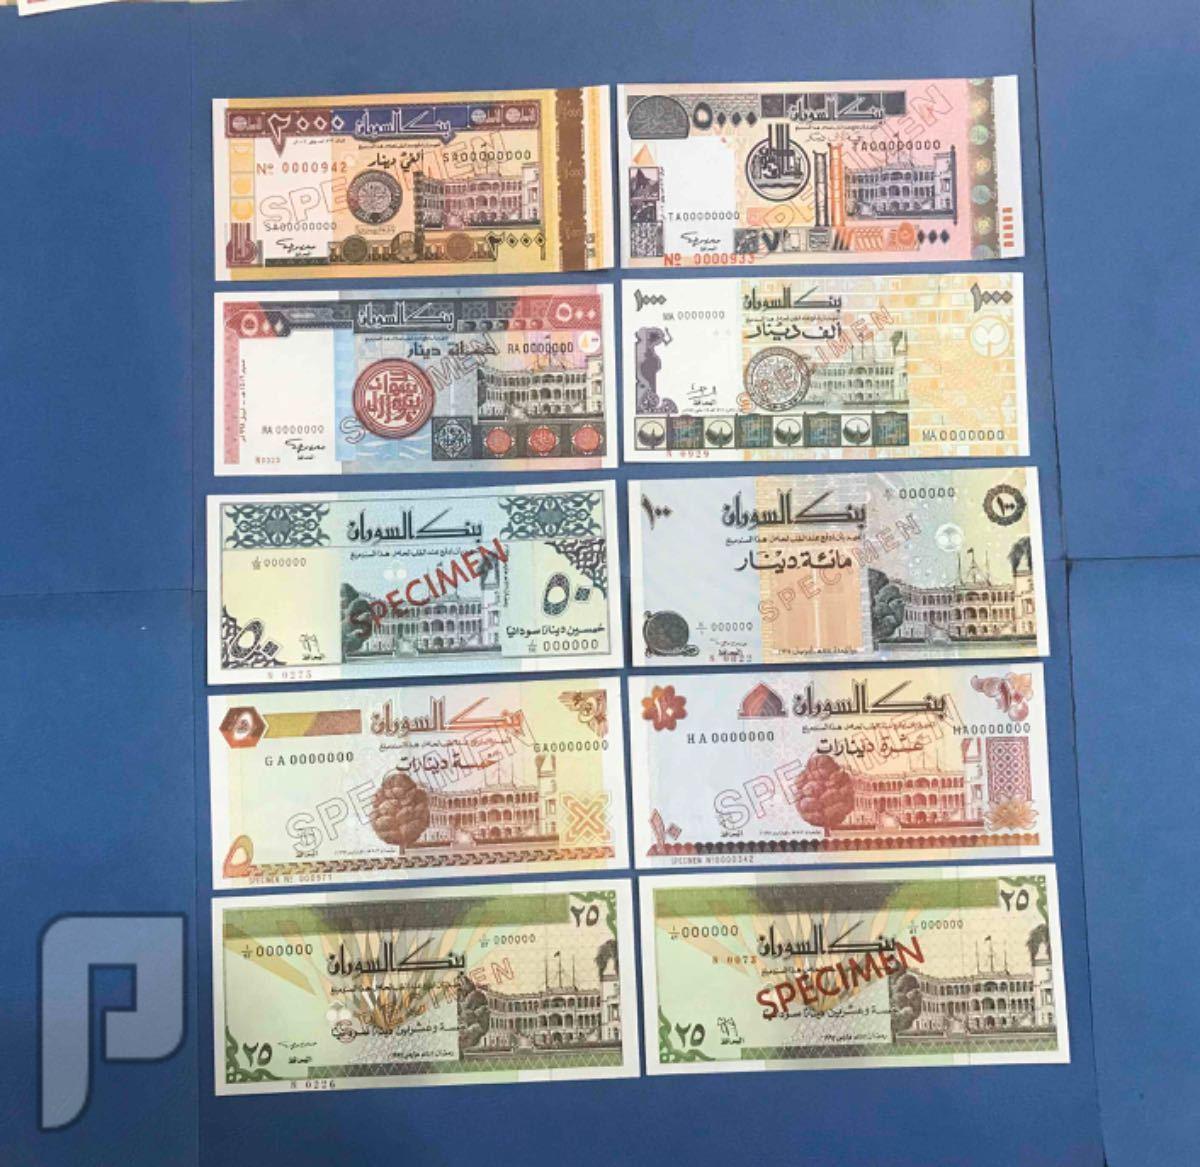 عملات السودان نموذج انسر مجموعات واطقم البند6